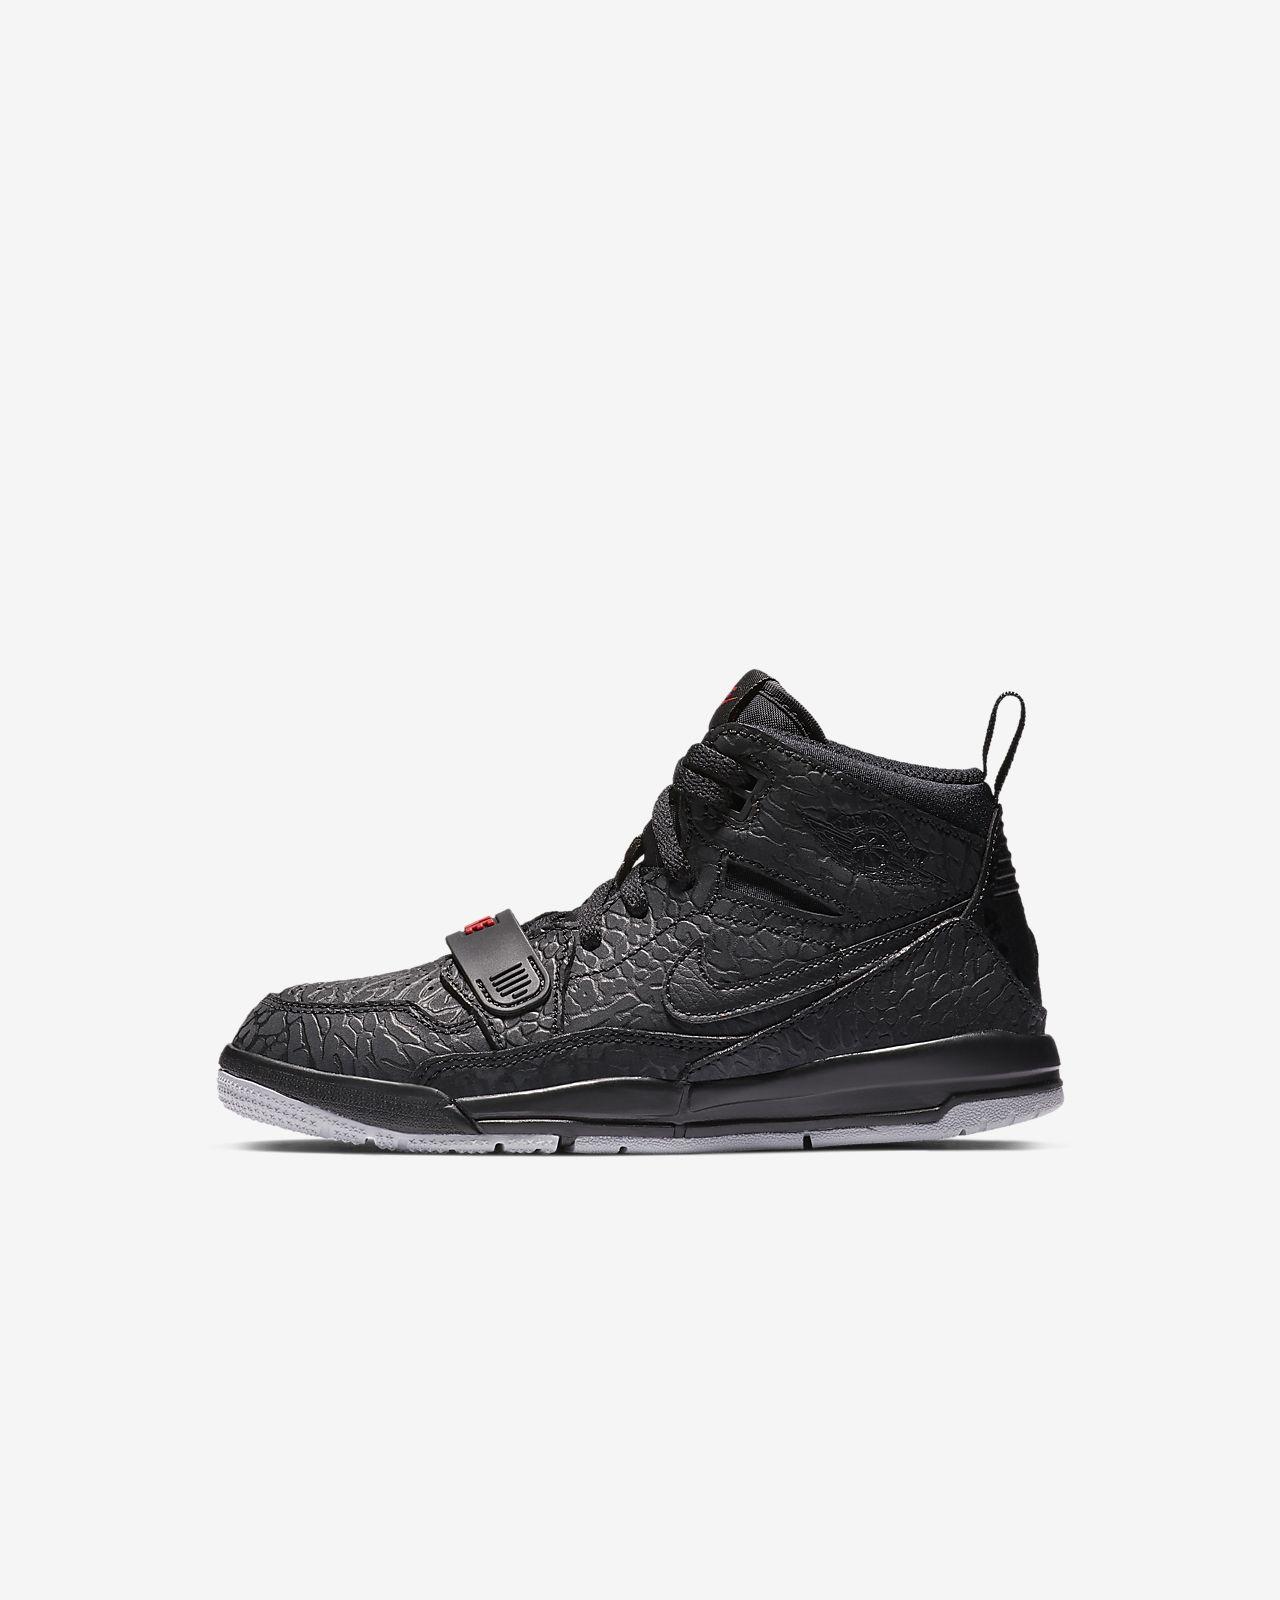 Air Jordan Legacy 312 Schuh für jüngere Kinder